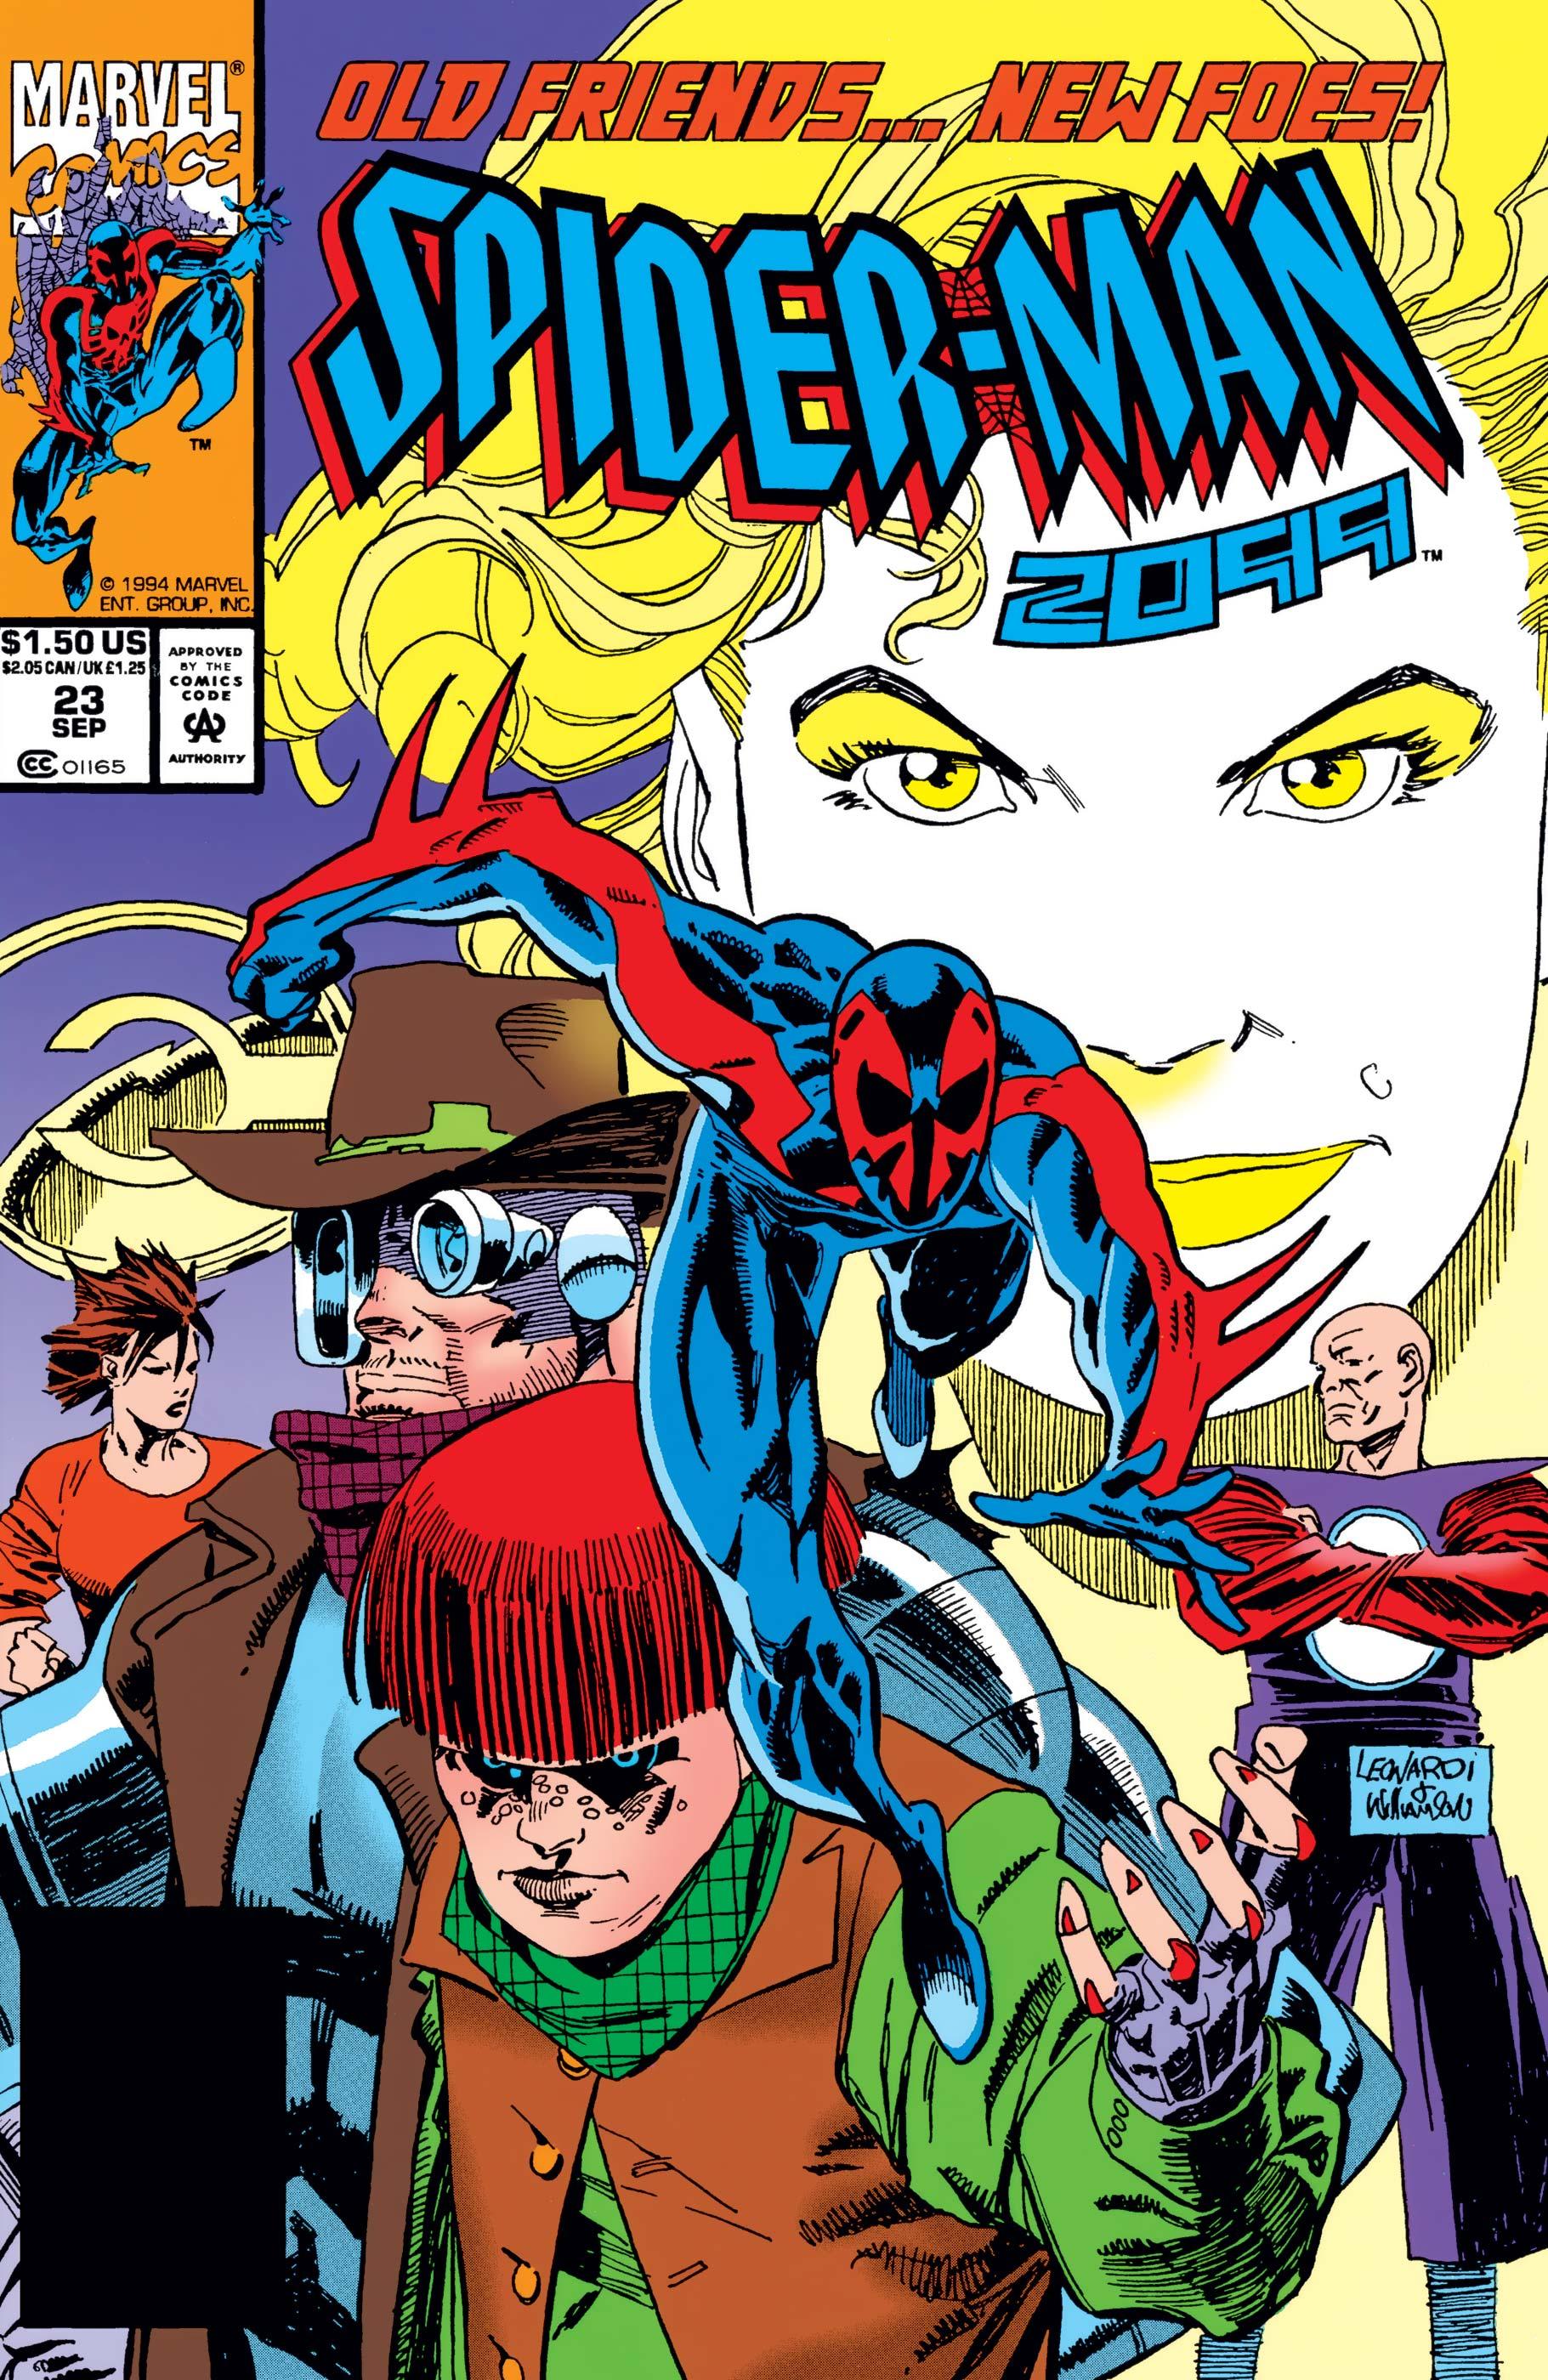 Spider-Man 2099 (1992) #23